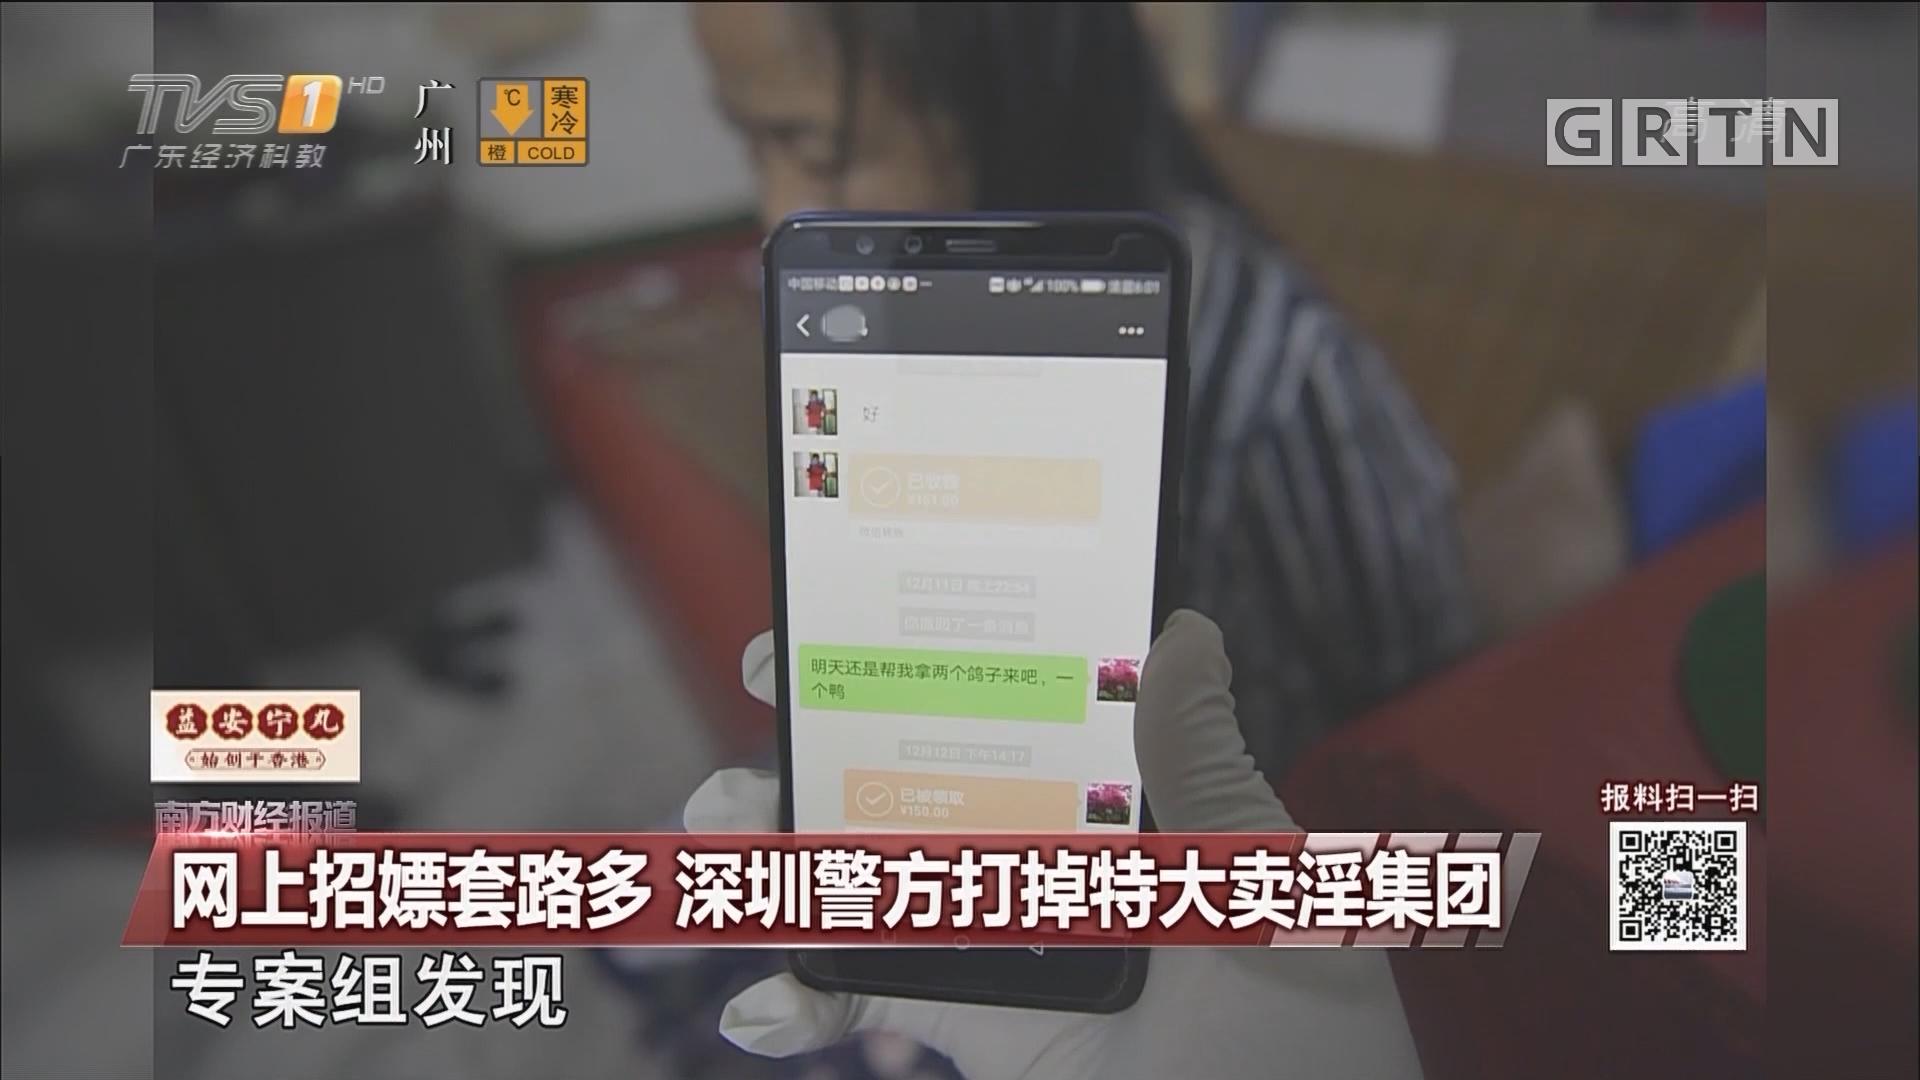 网上招嫖套路多 深圳警方打掉特大卖淫集团